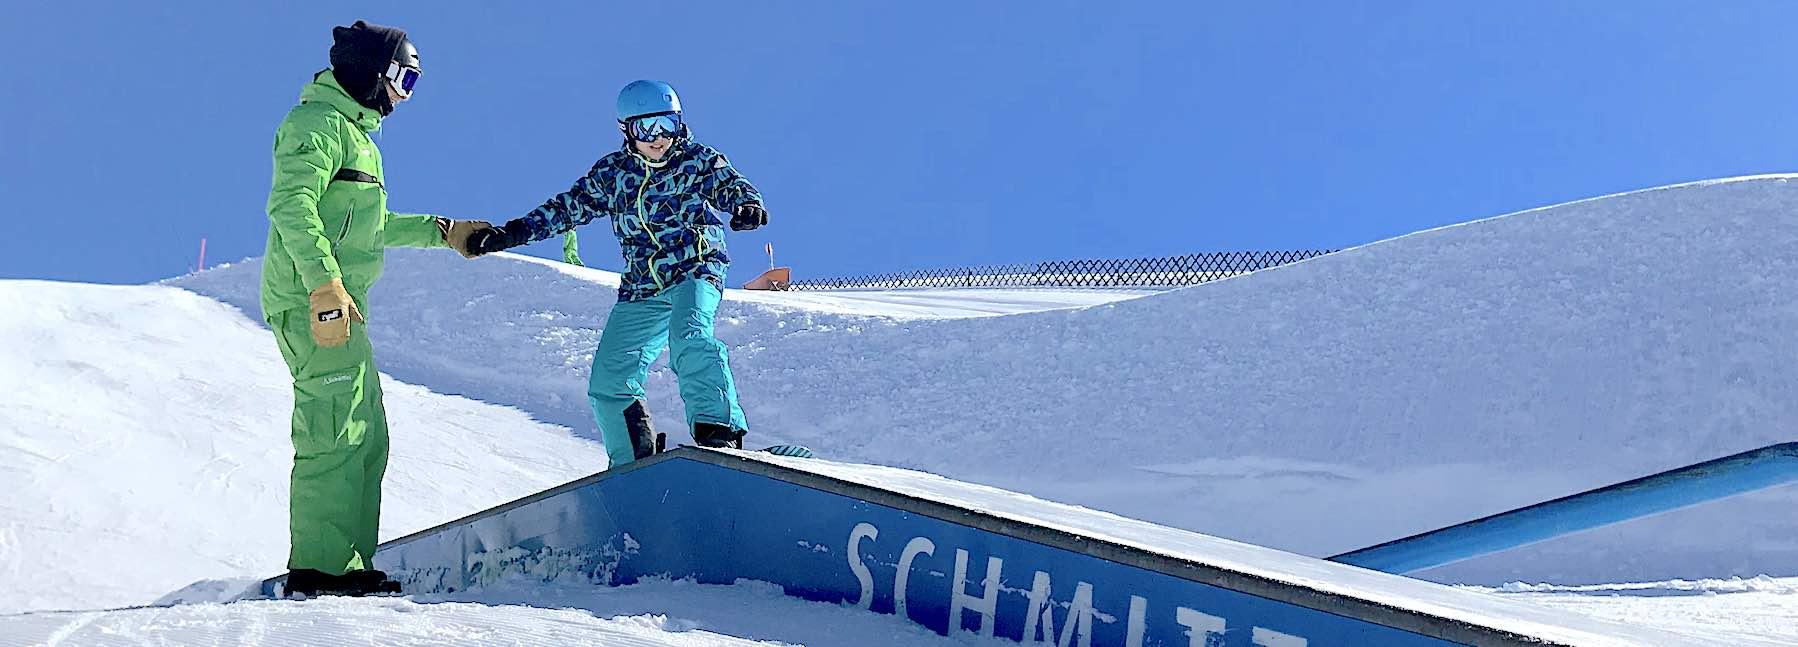 Snowboardschool_zellamsee